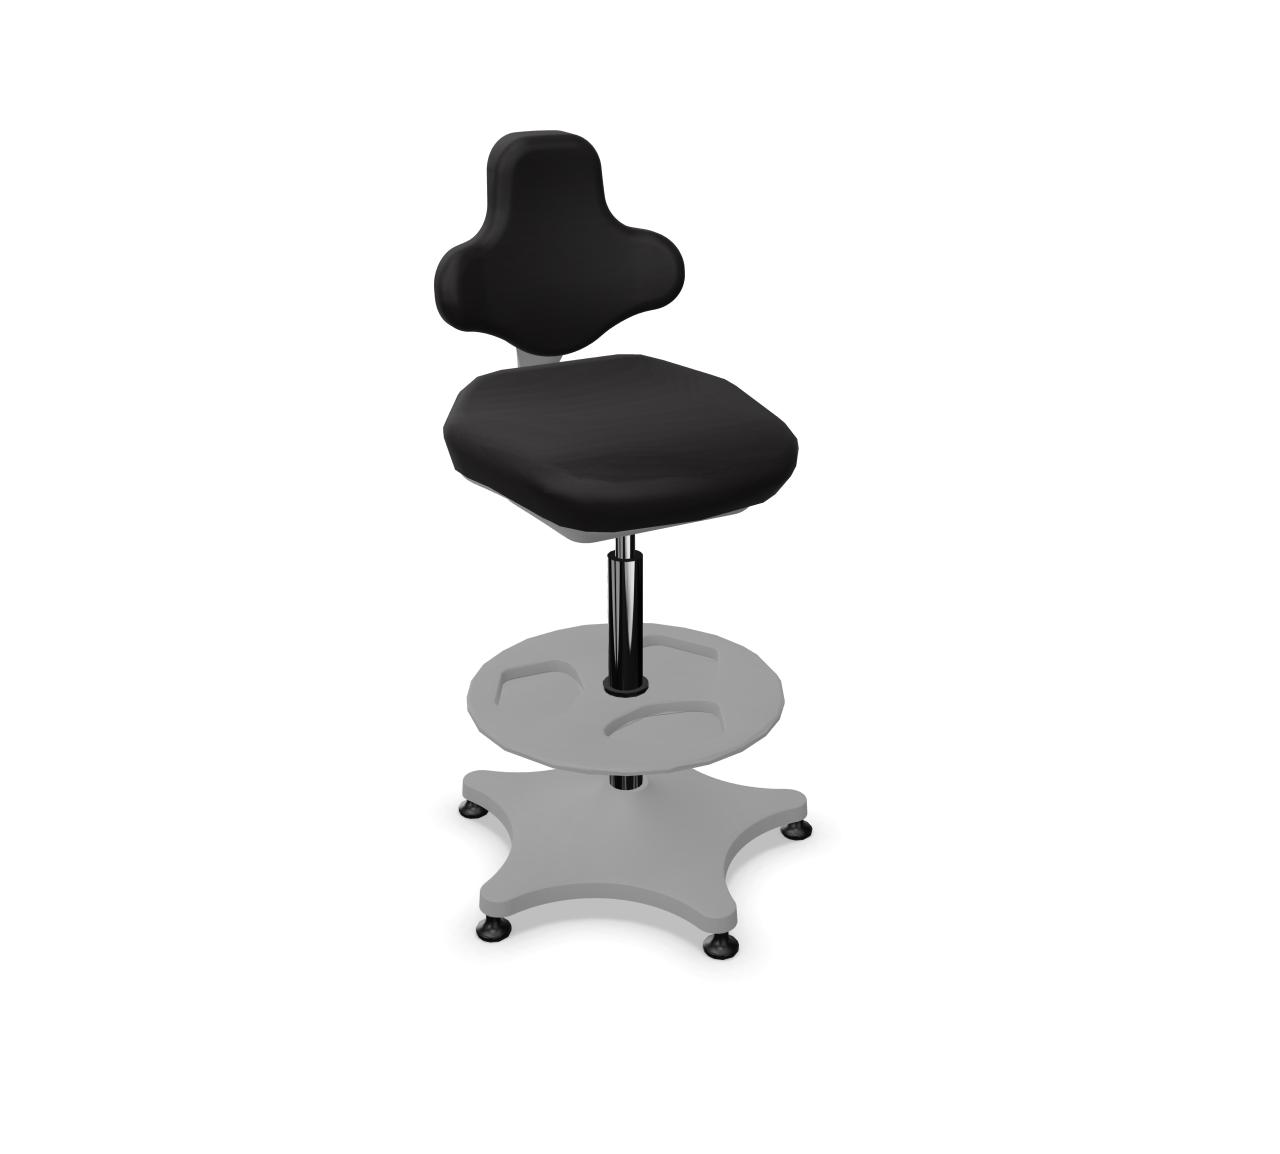 Labster 3 Labordrehstuhl mit Gleiter und Fußring von Bimos